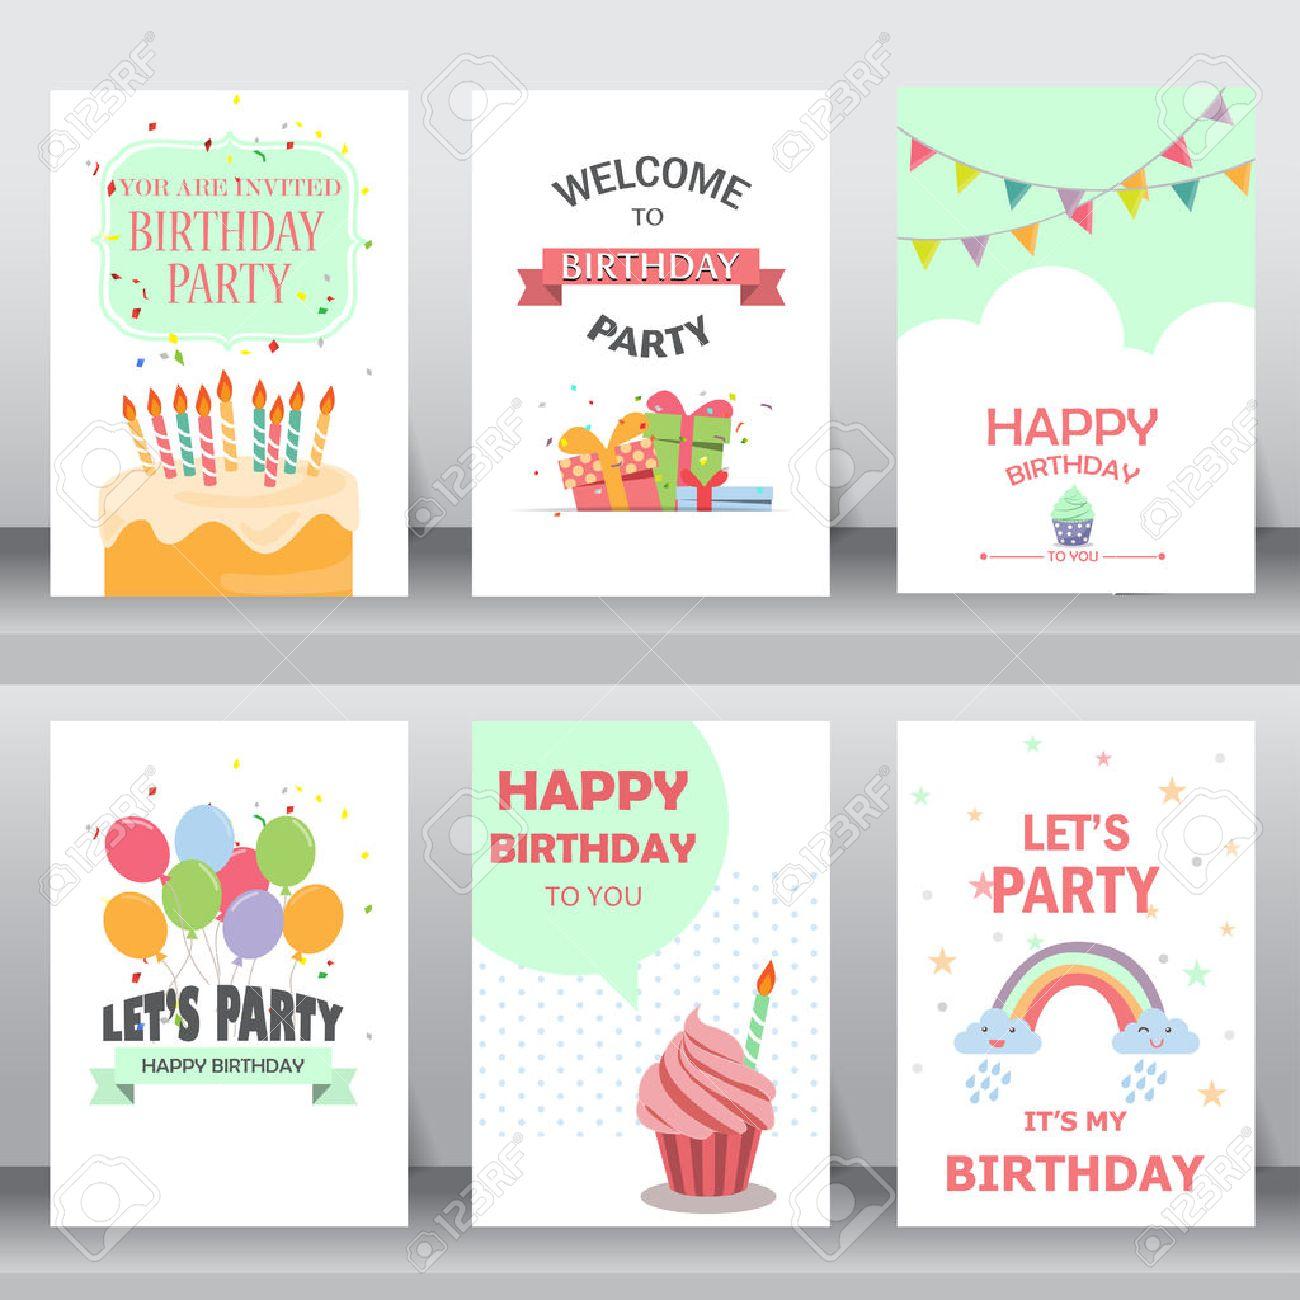 joyeux anniversaire vacances salutation de noel et une carte d invitation il y a des ballons des boites cadeaux des confettis cup cake modele